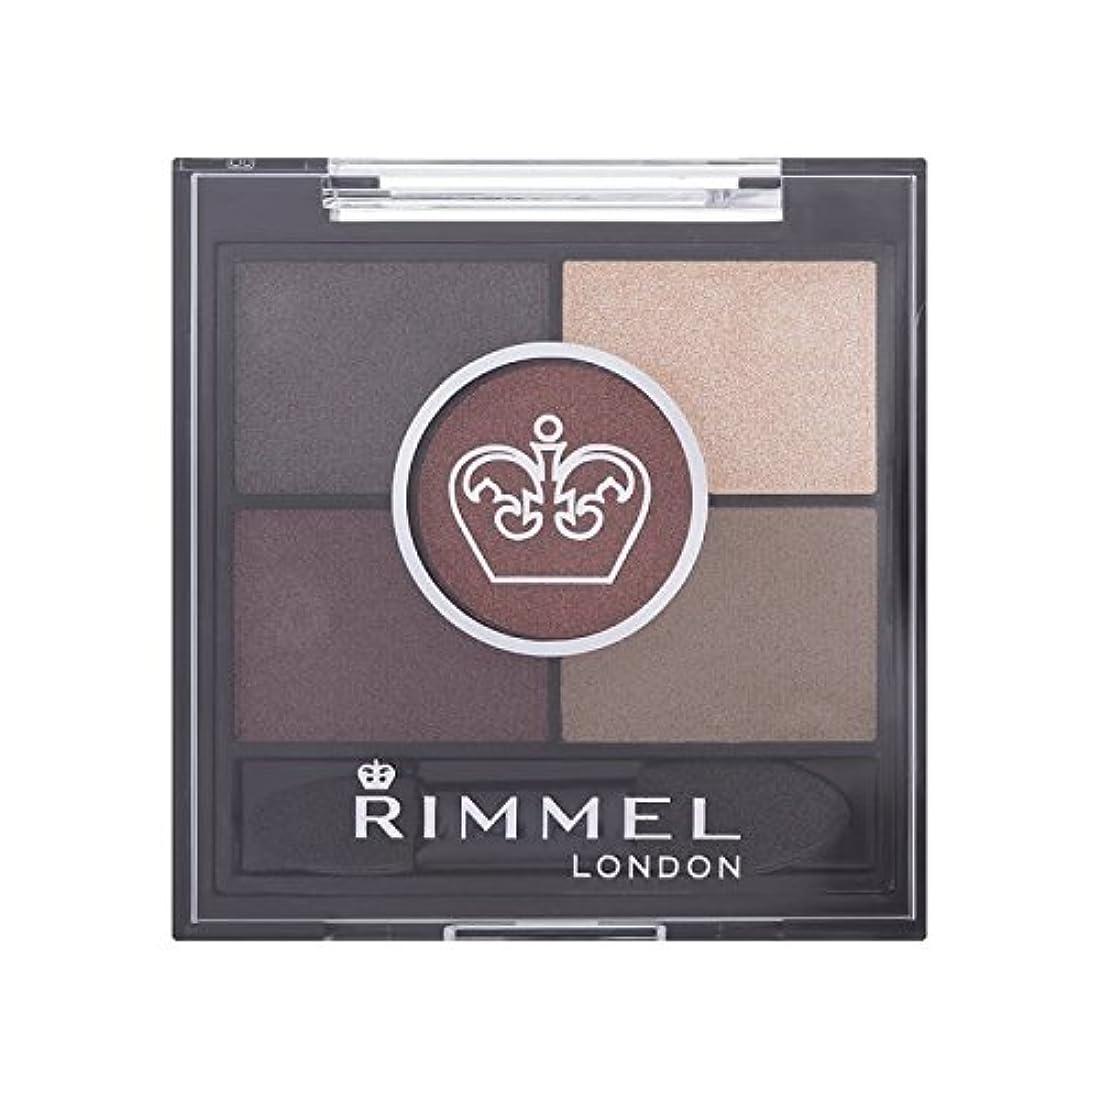 構想するアジャお誕生日Rimmel 5 Pan Eyeshadow Brixton Brown - 茶色のブリクストンリンメル5パンアイシャドウ [並行輸入品]